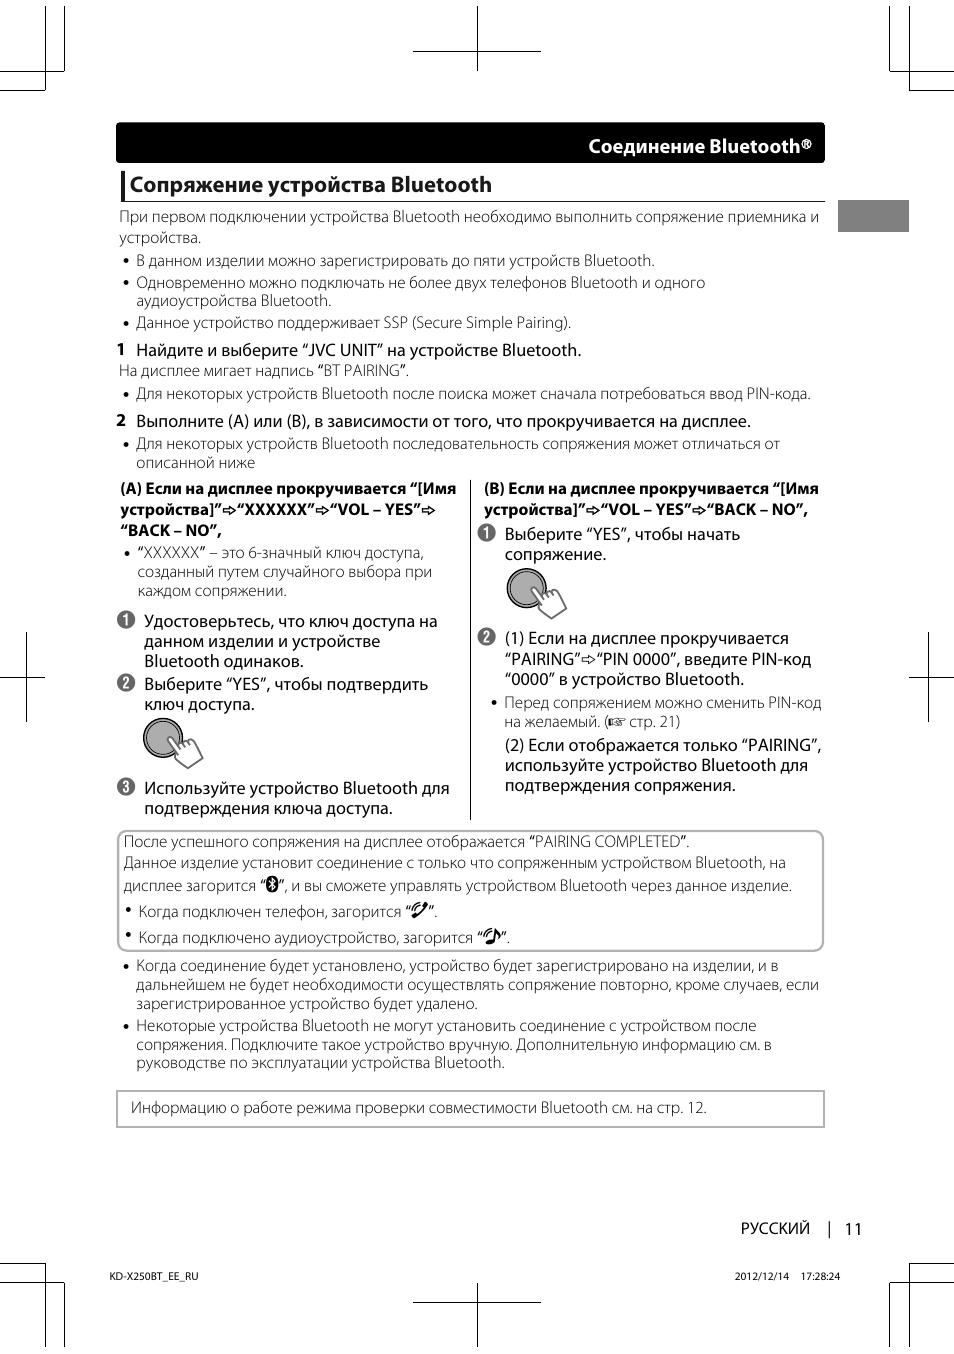 инструкция по эксплуатации автомагнитолы jvc kd-r526